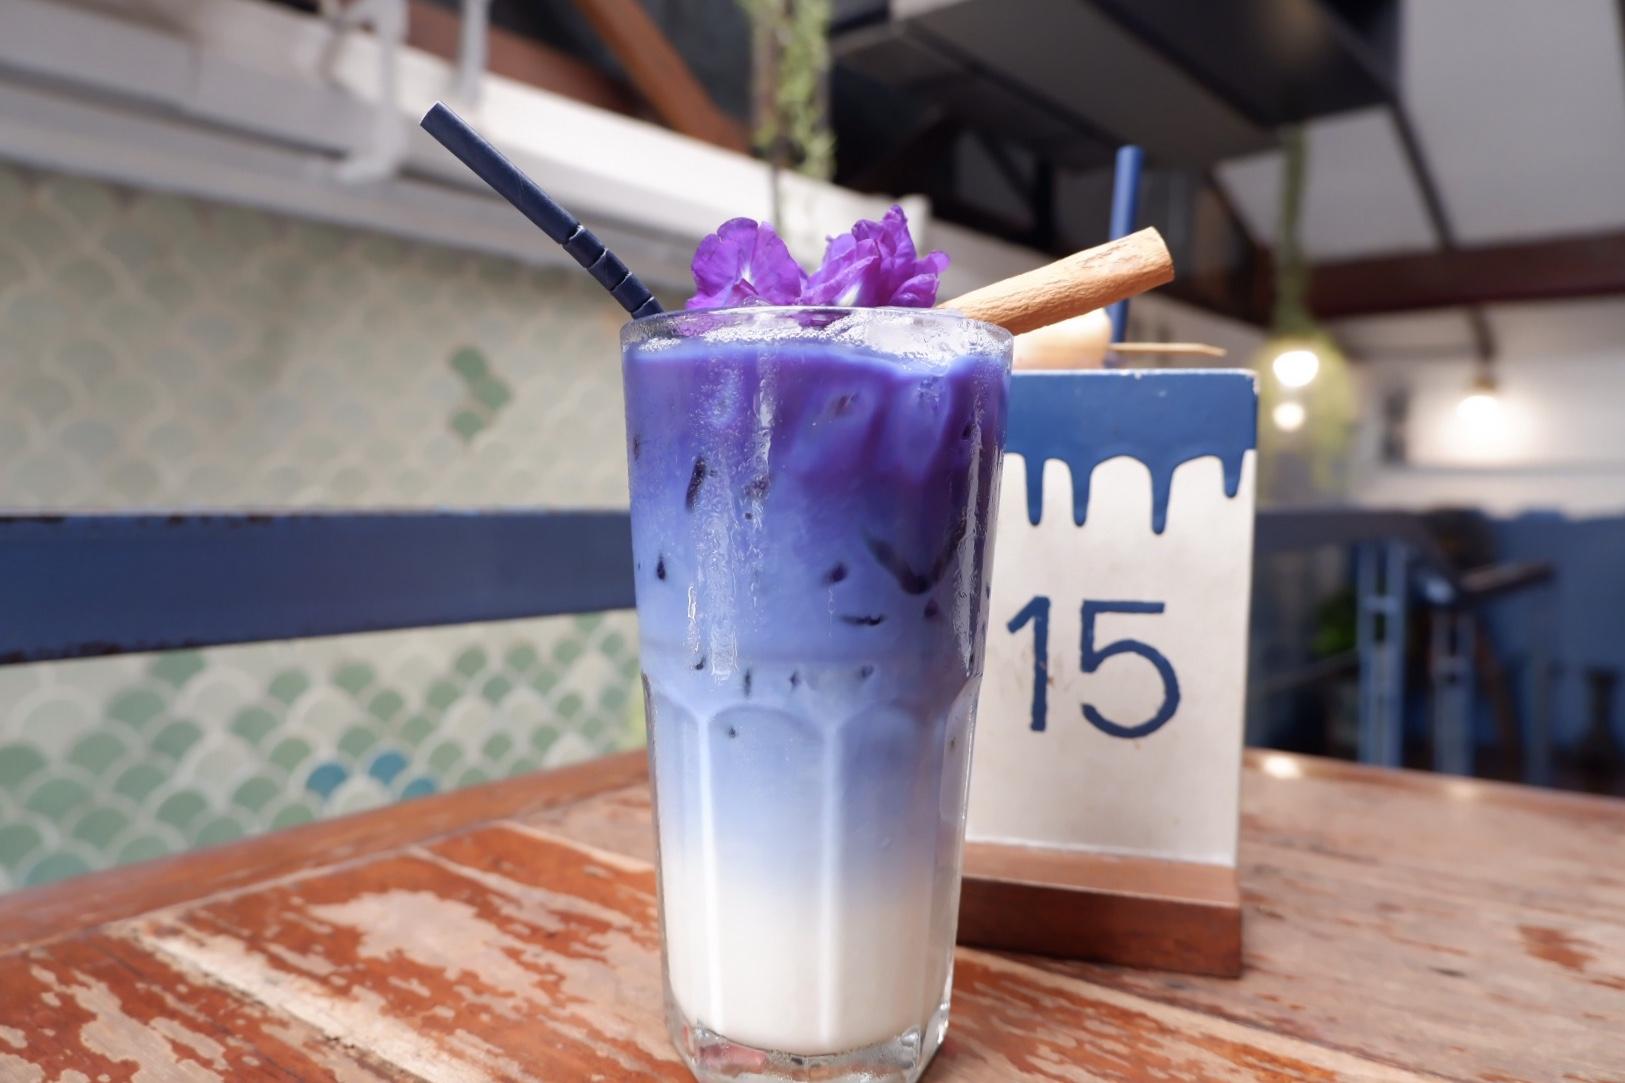 ブルーホエールマハラートカフェの冷たいバタフライピー(アンチャンティー)ラテをご賞味ください